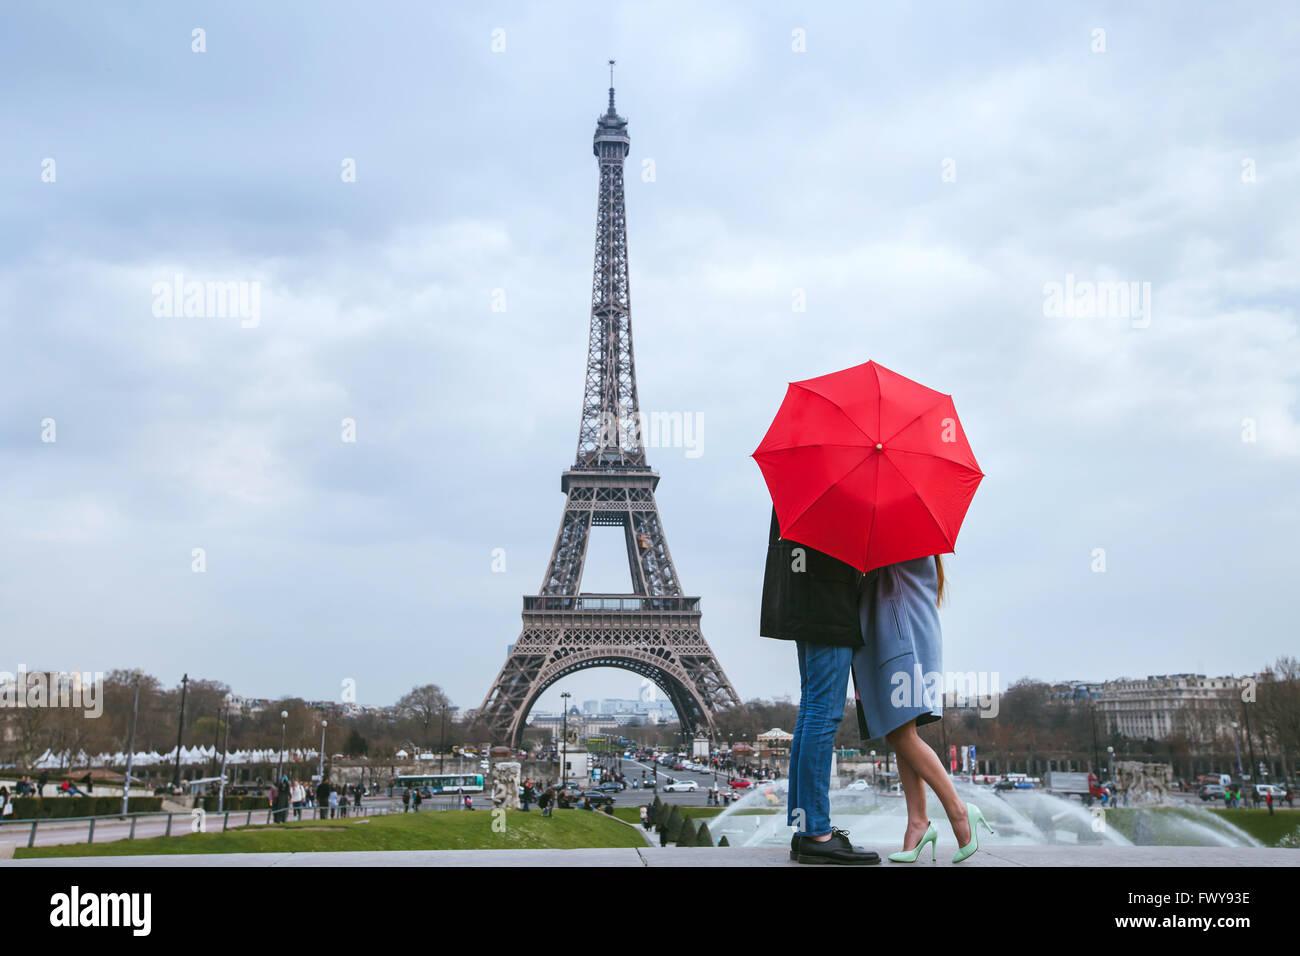 Luna de miel en París, la pareja besándose detrás de sombrilla roja contra la torre Eiffel Imagen De Stock